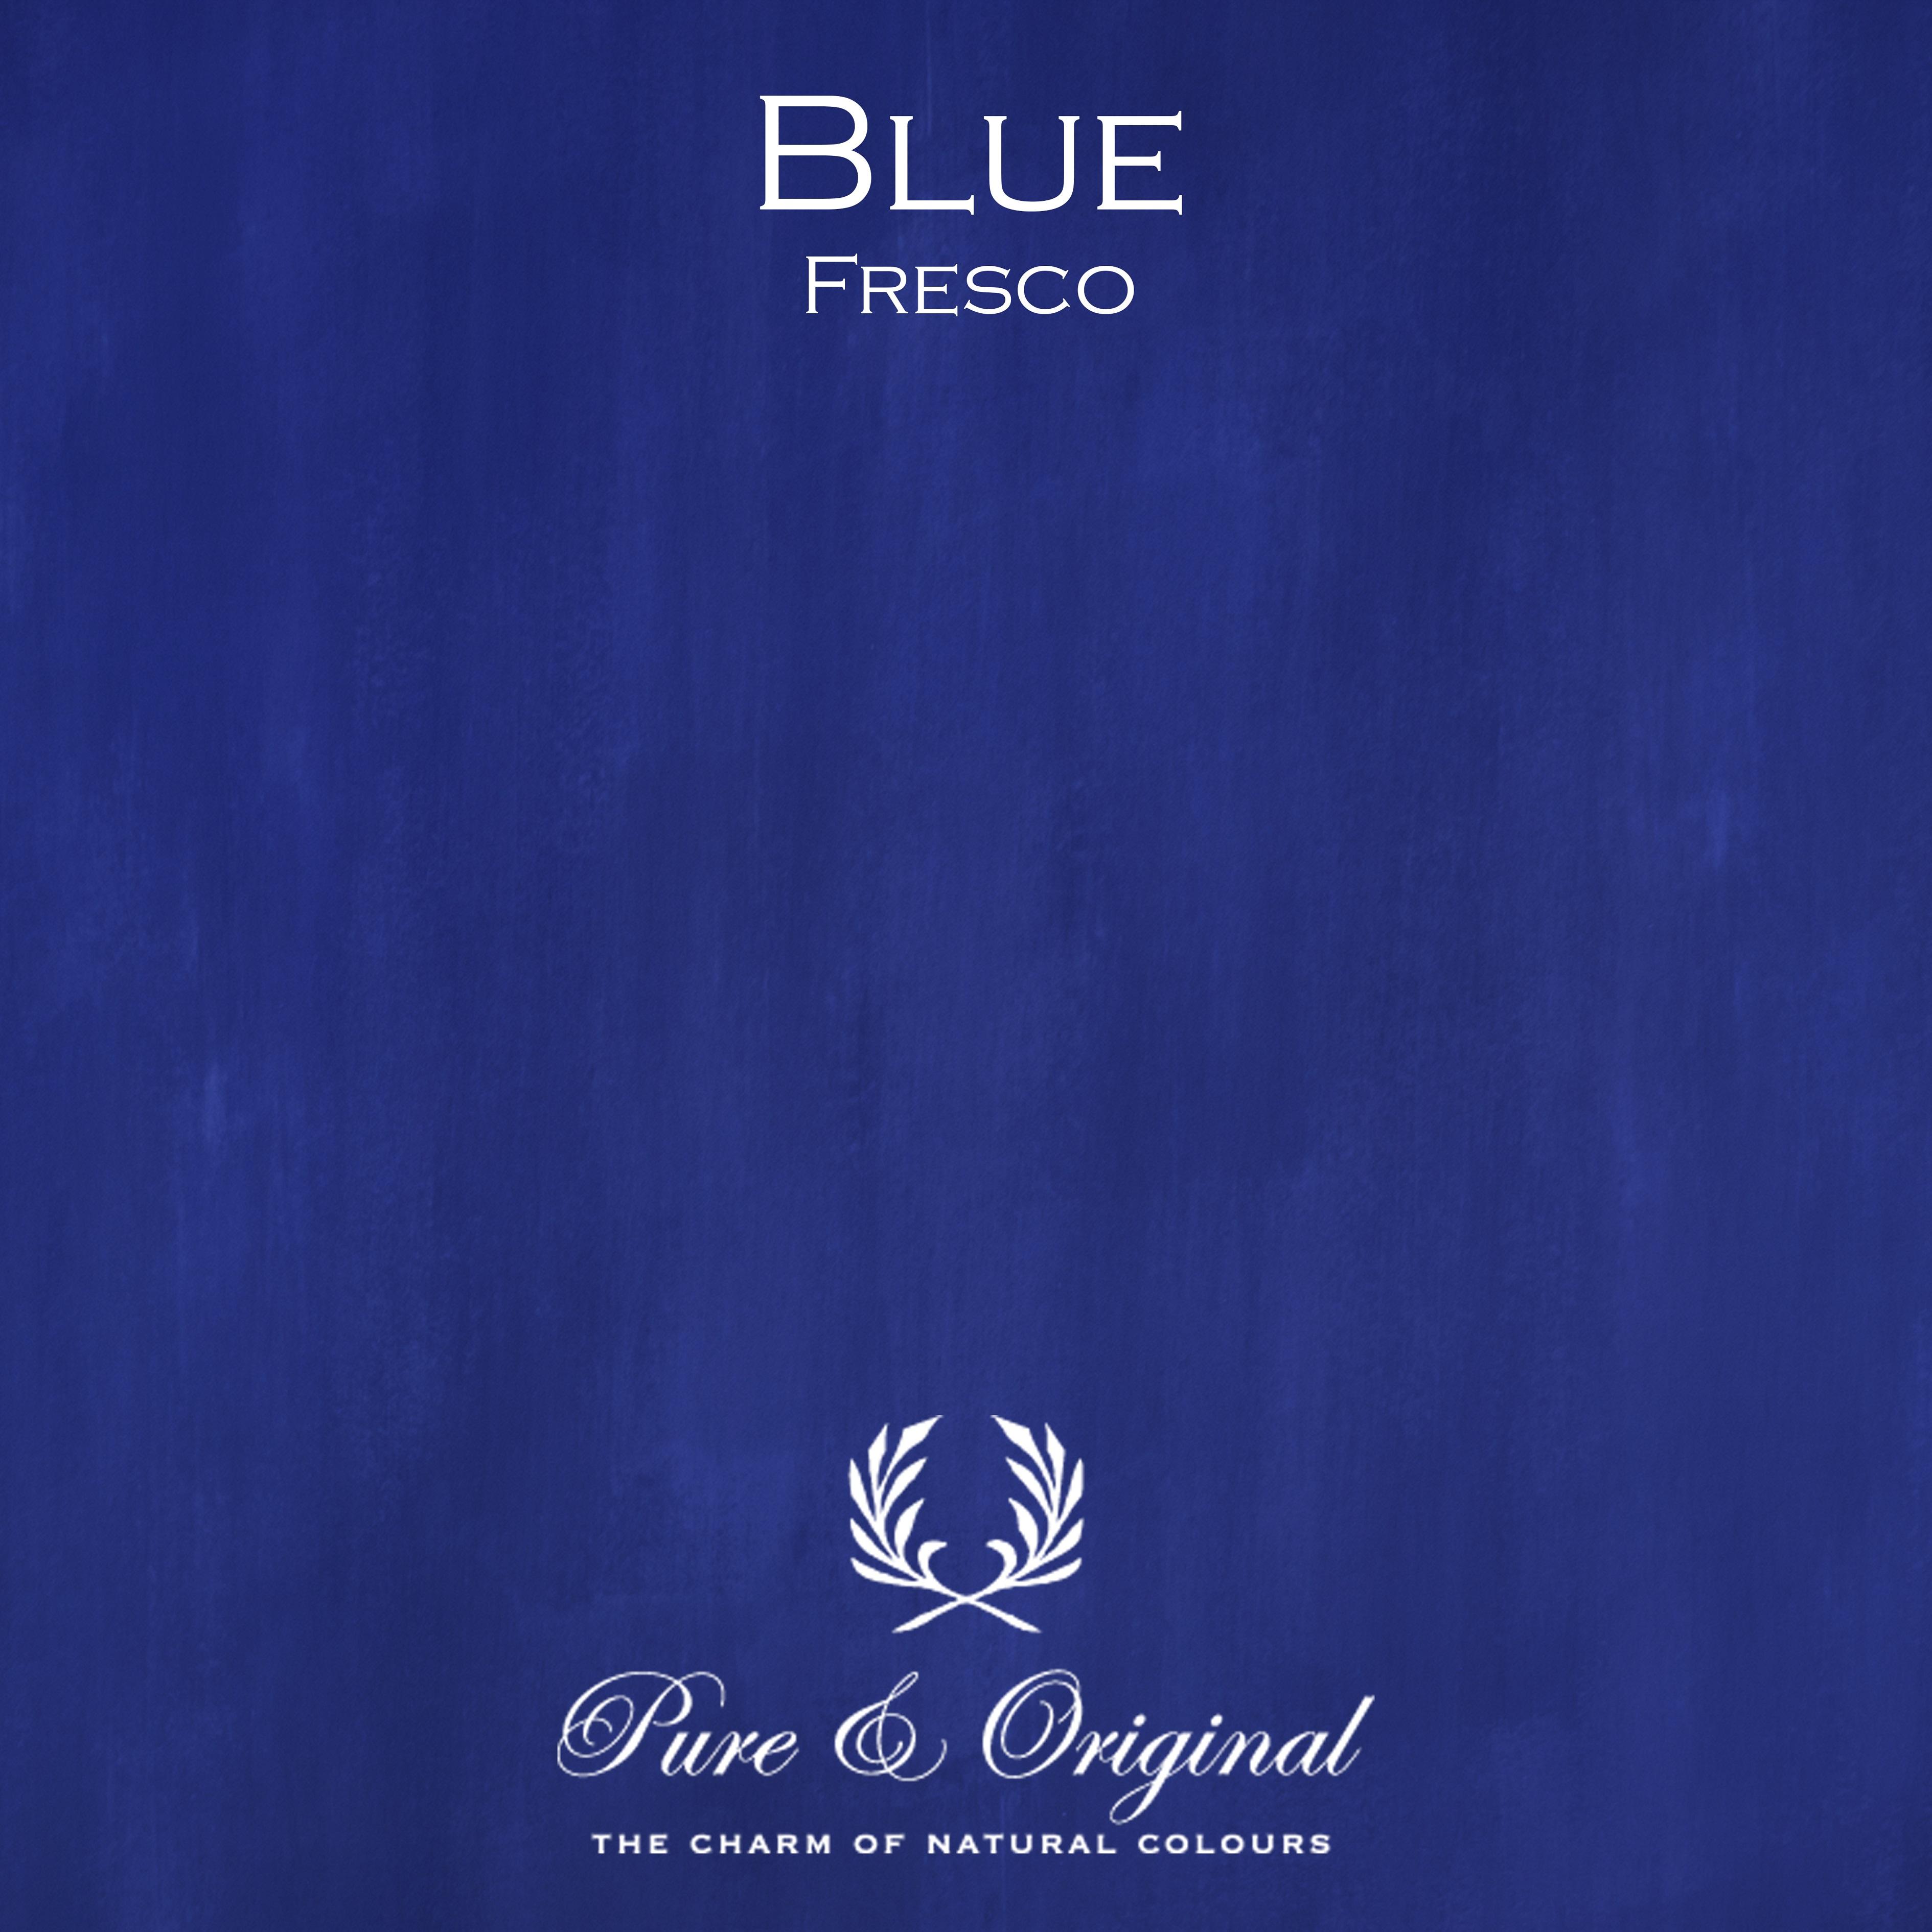 Kulör Blue, Fresco kalkfärg